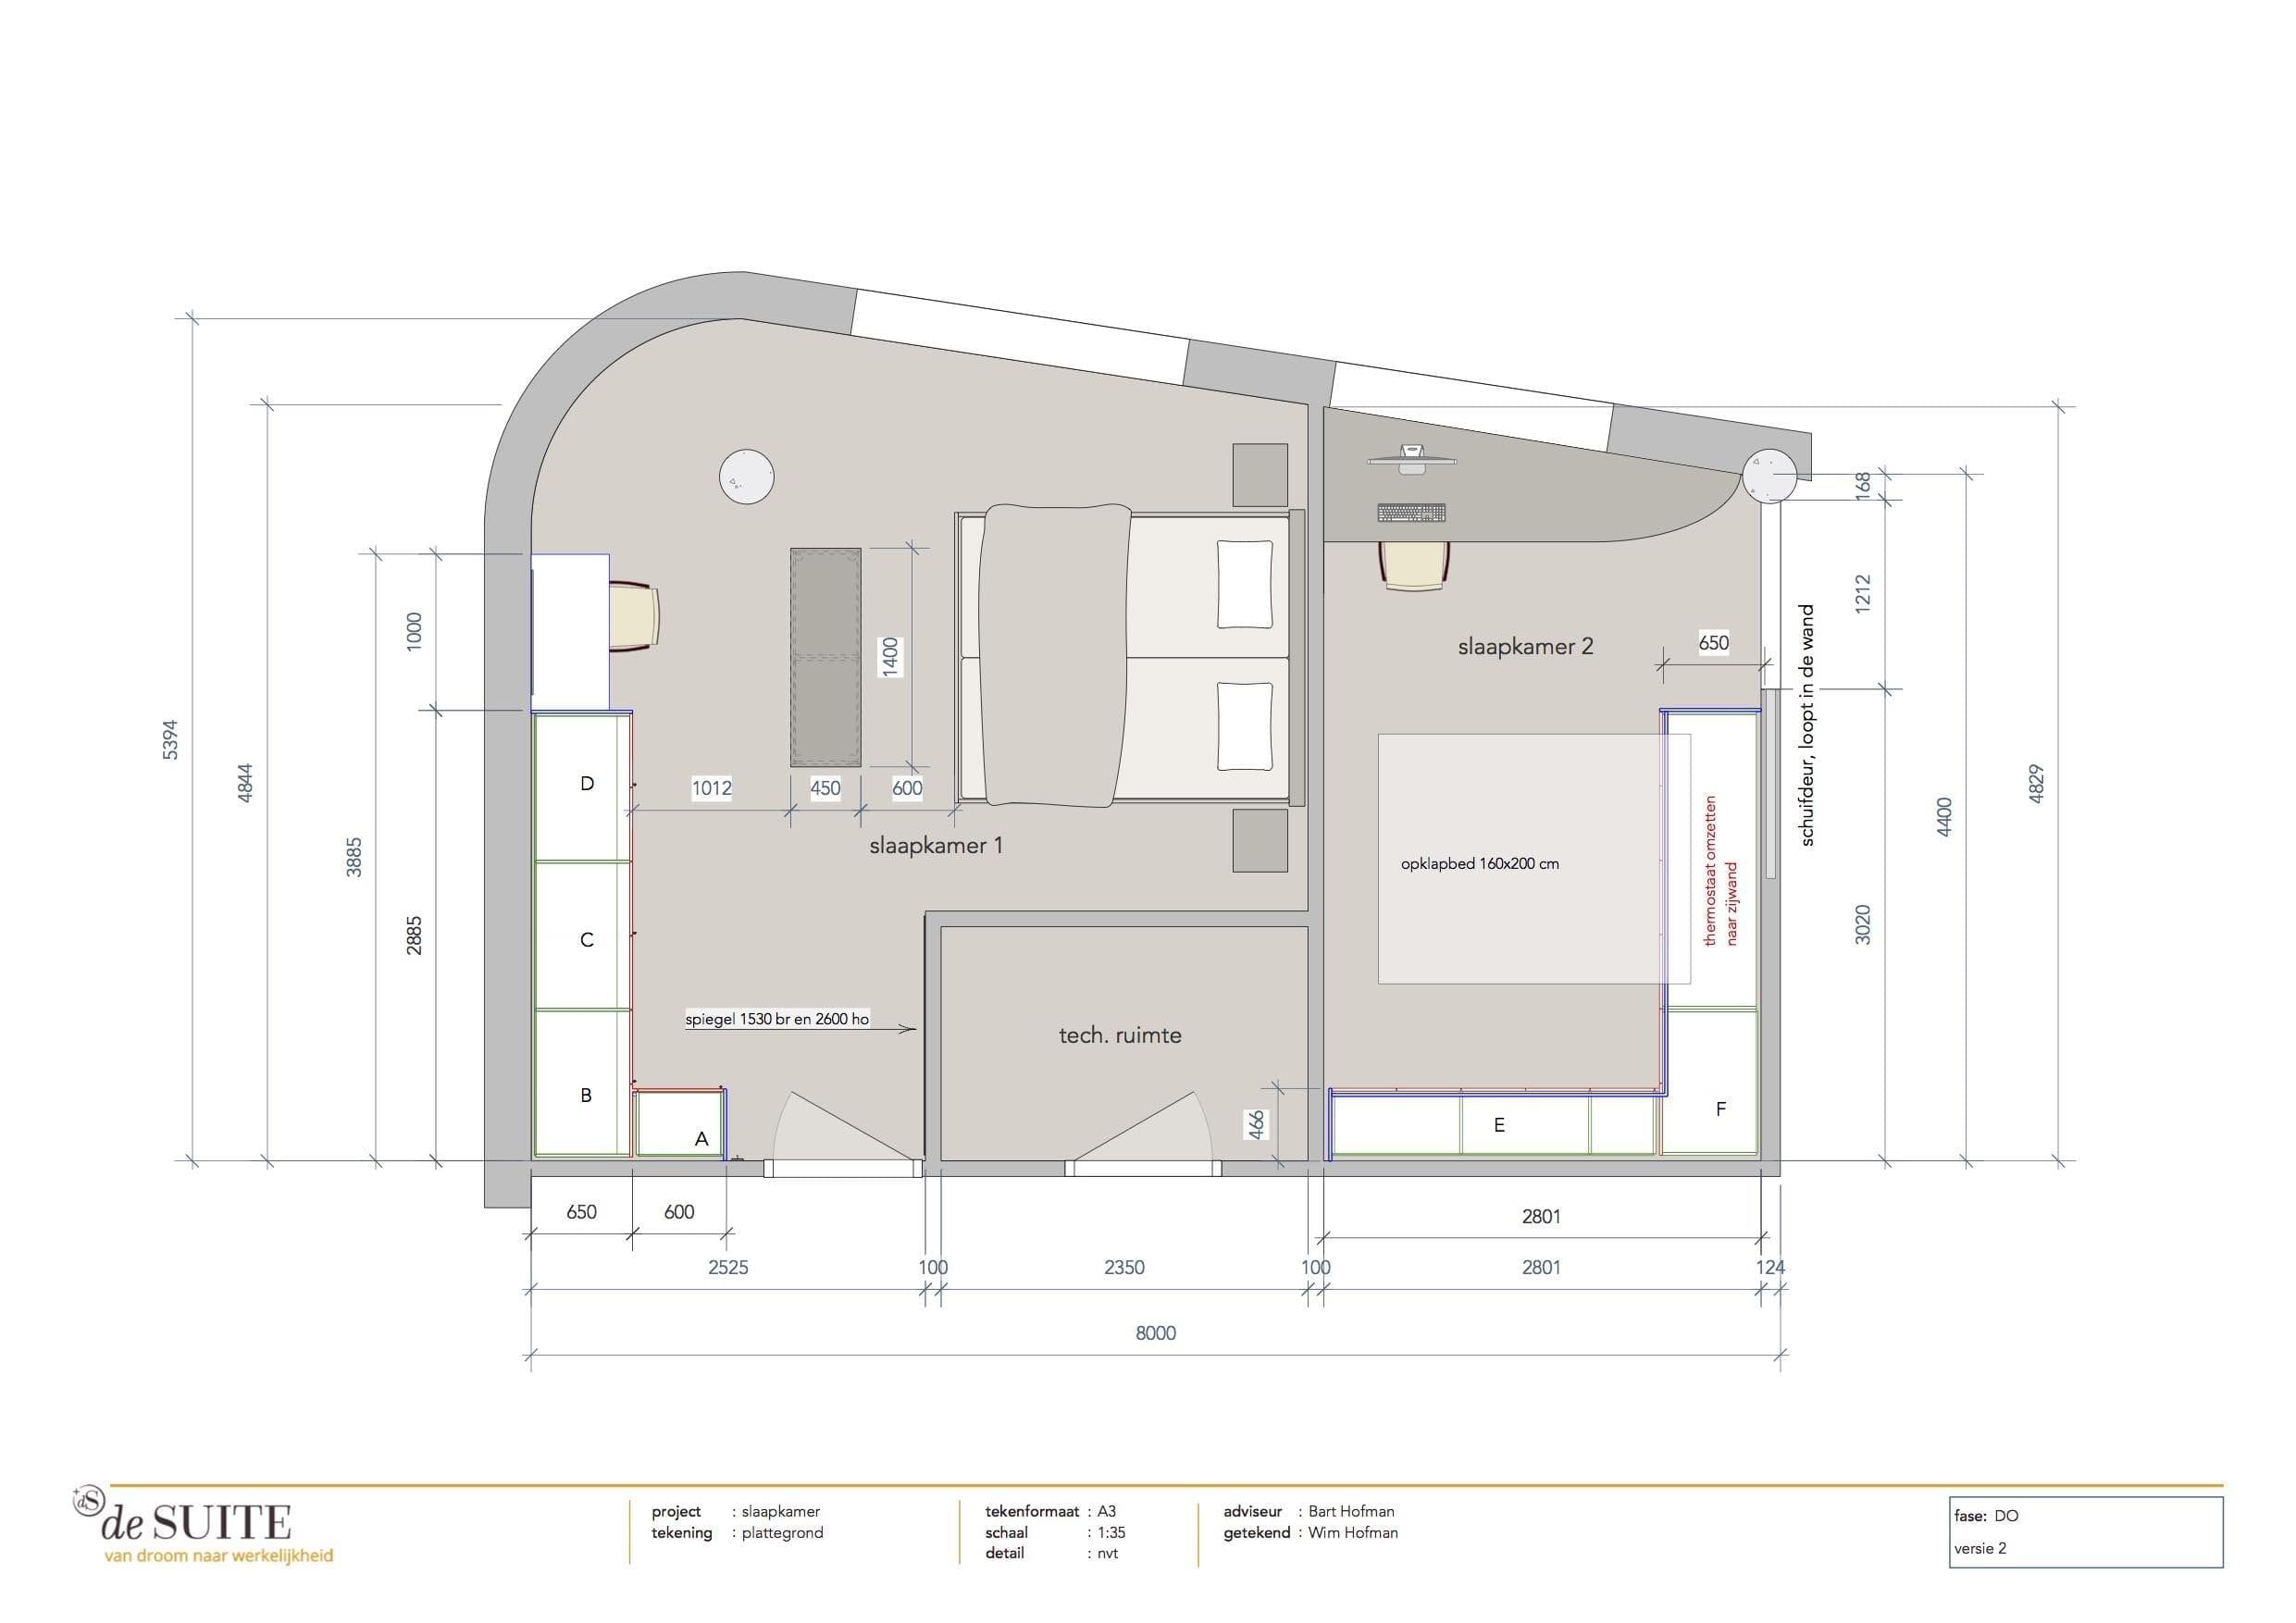 ontwerp tekening moderne slaapkamer